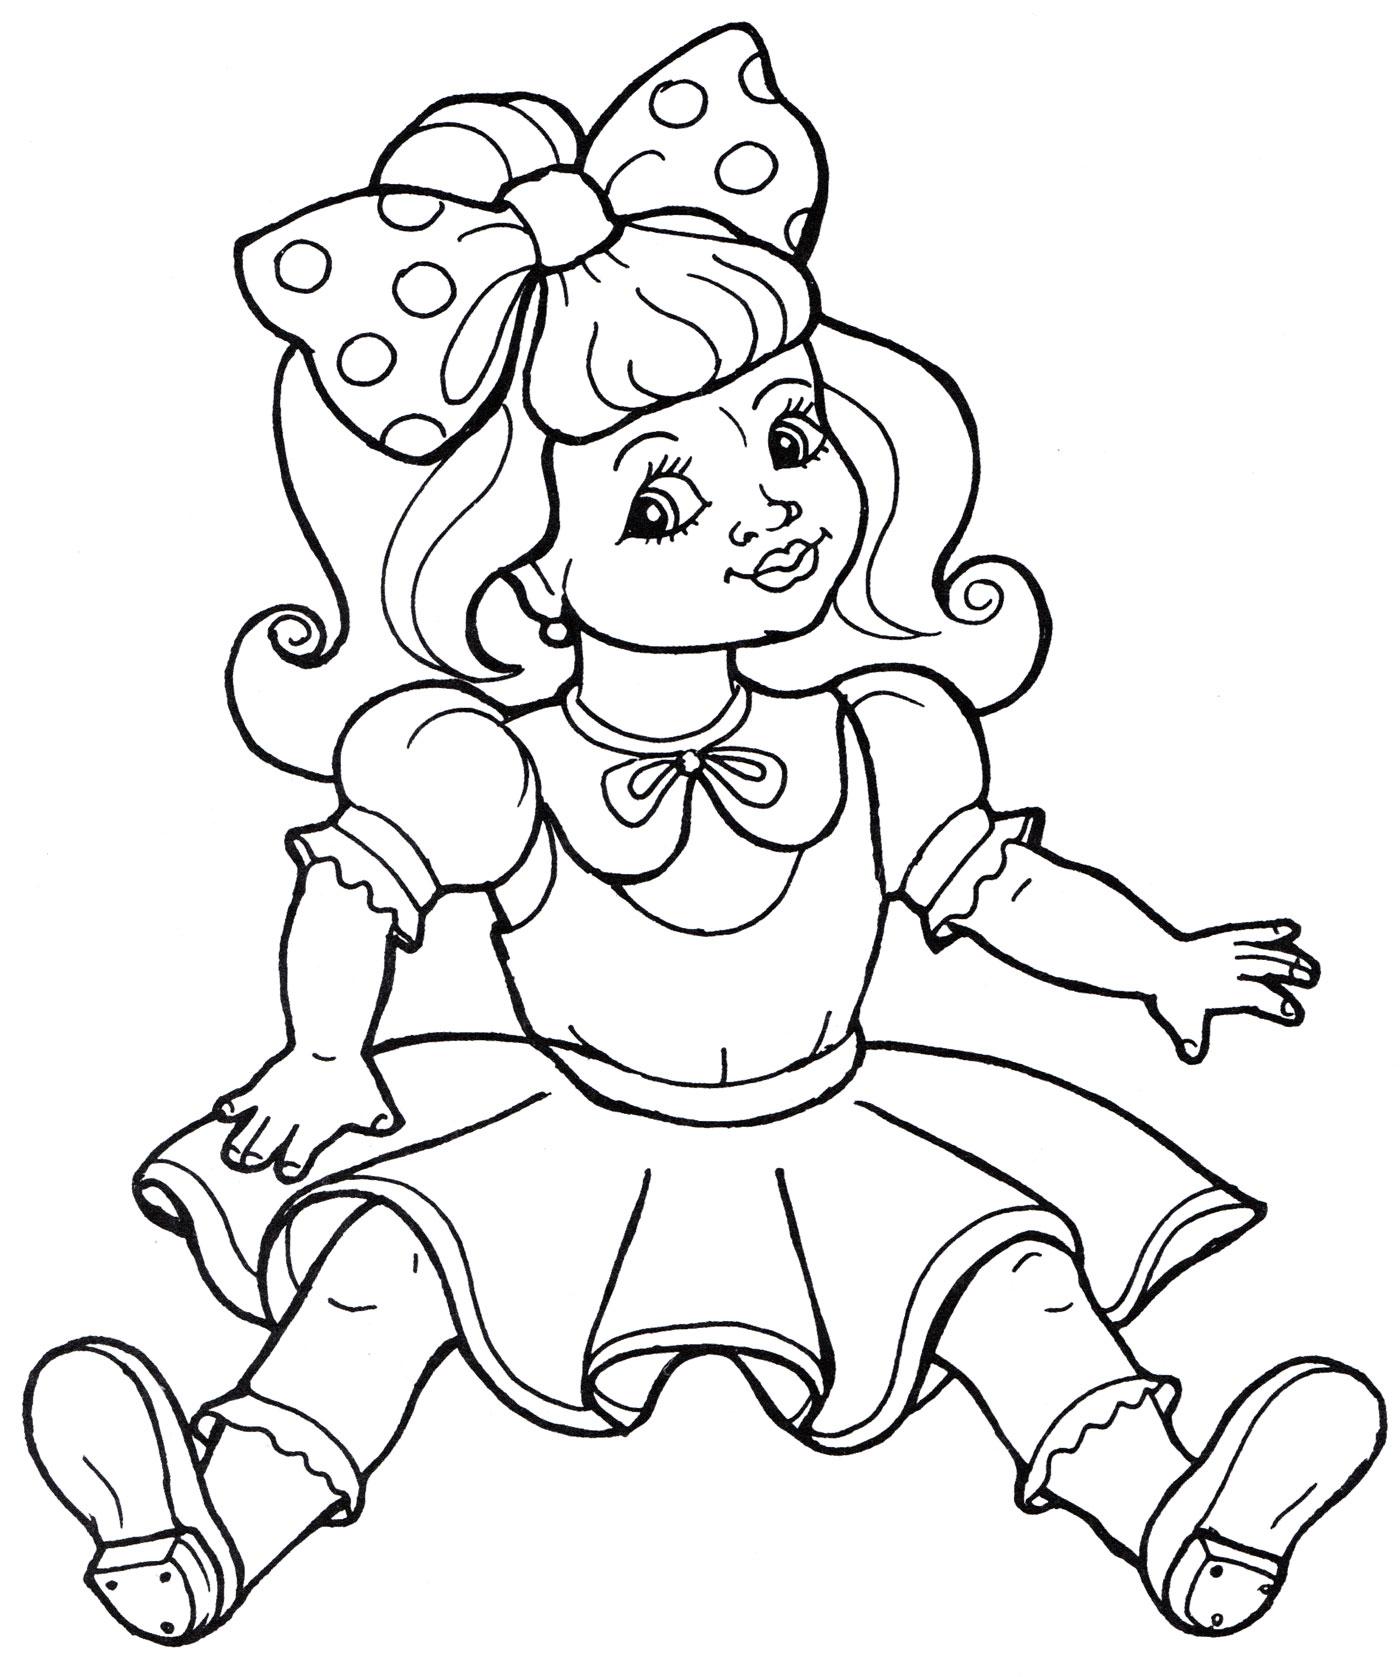 Раскраска Кукла с бантиком - распечатать бесплатно